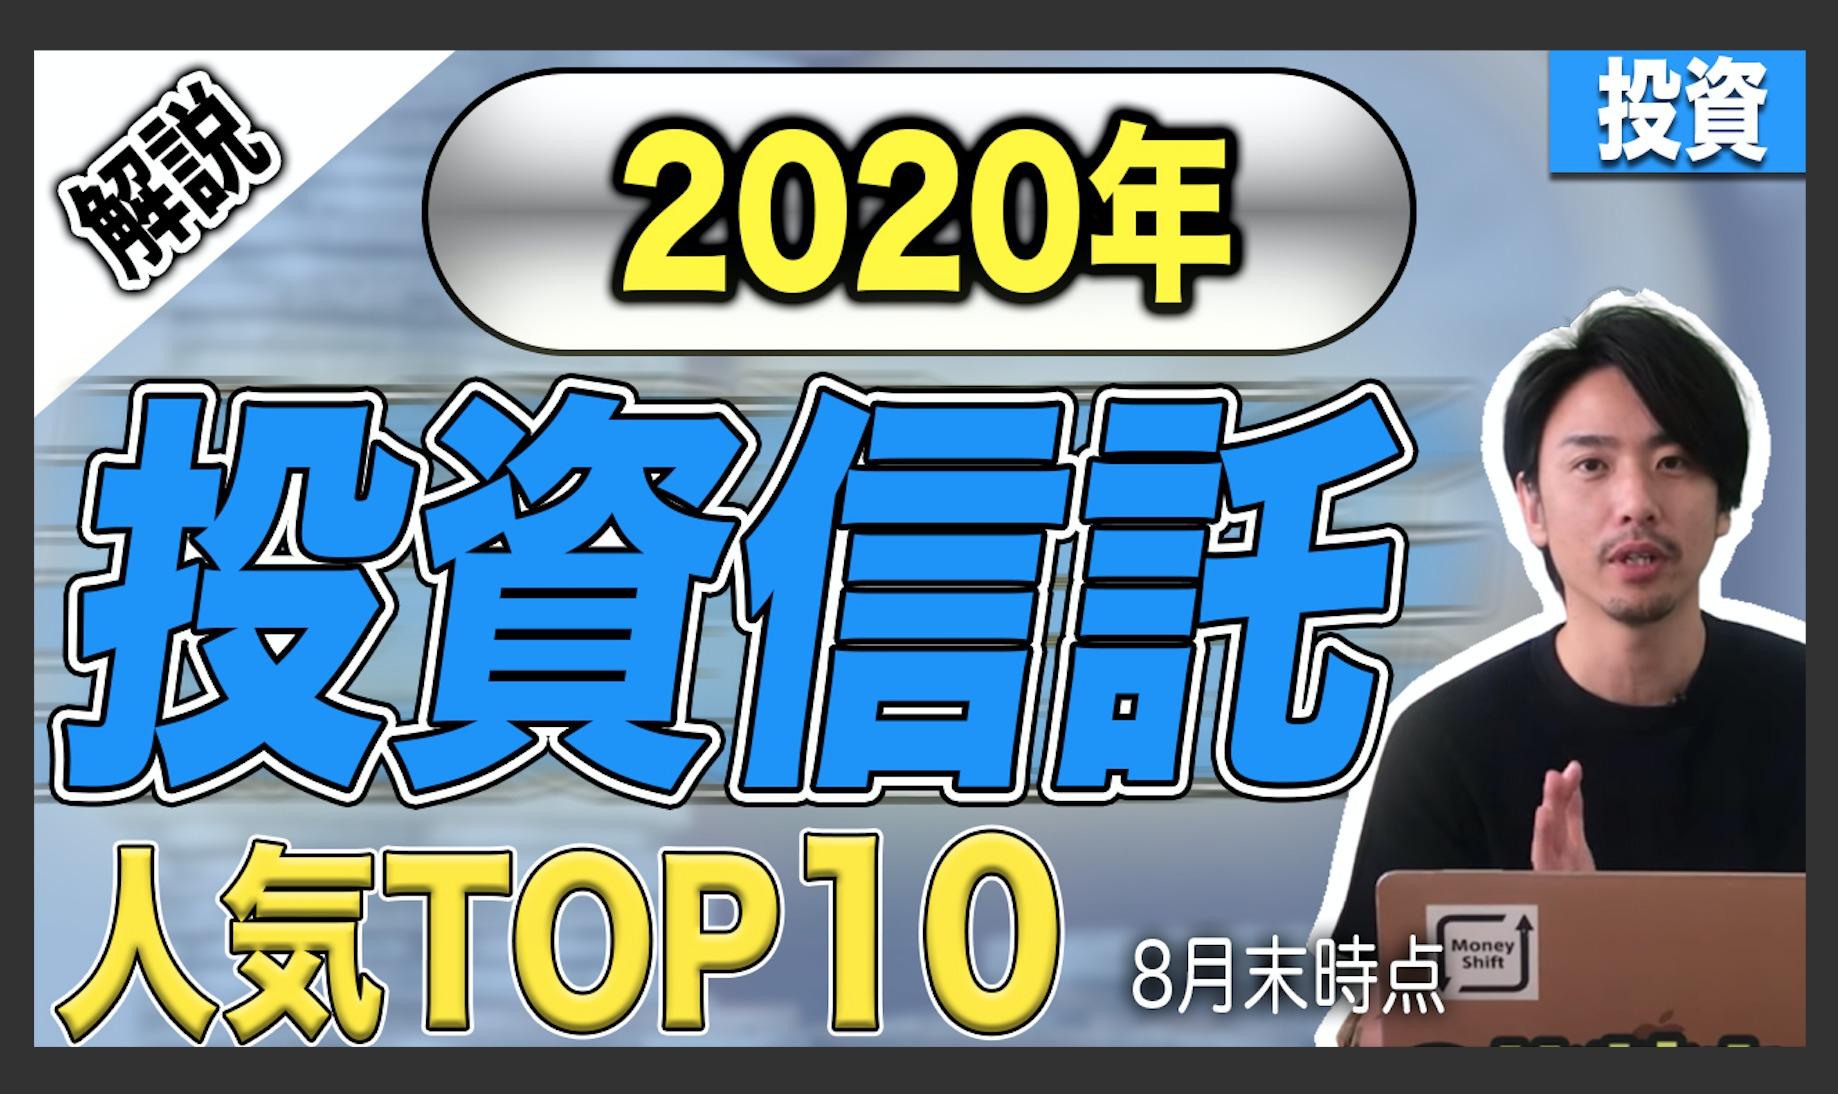 【投資信託】みんなが選ぶ人気ランキングTOP10を紹介&解説!